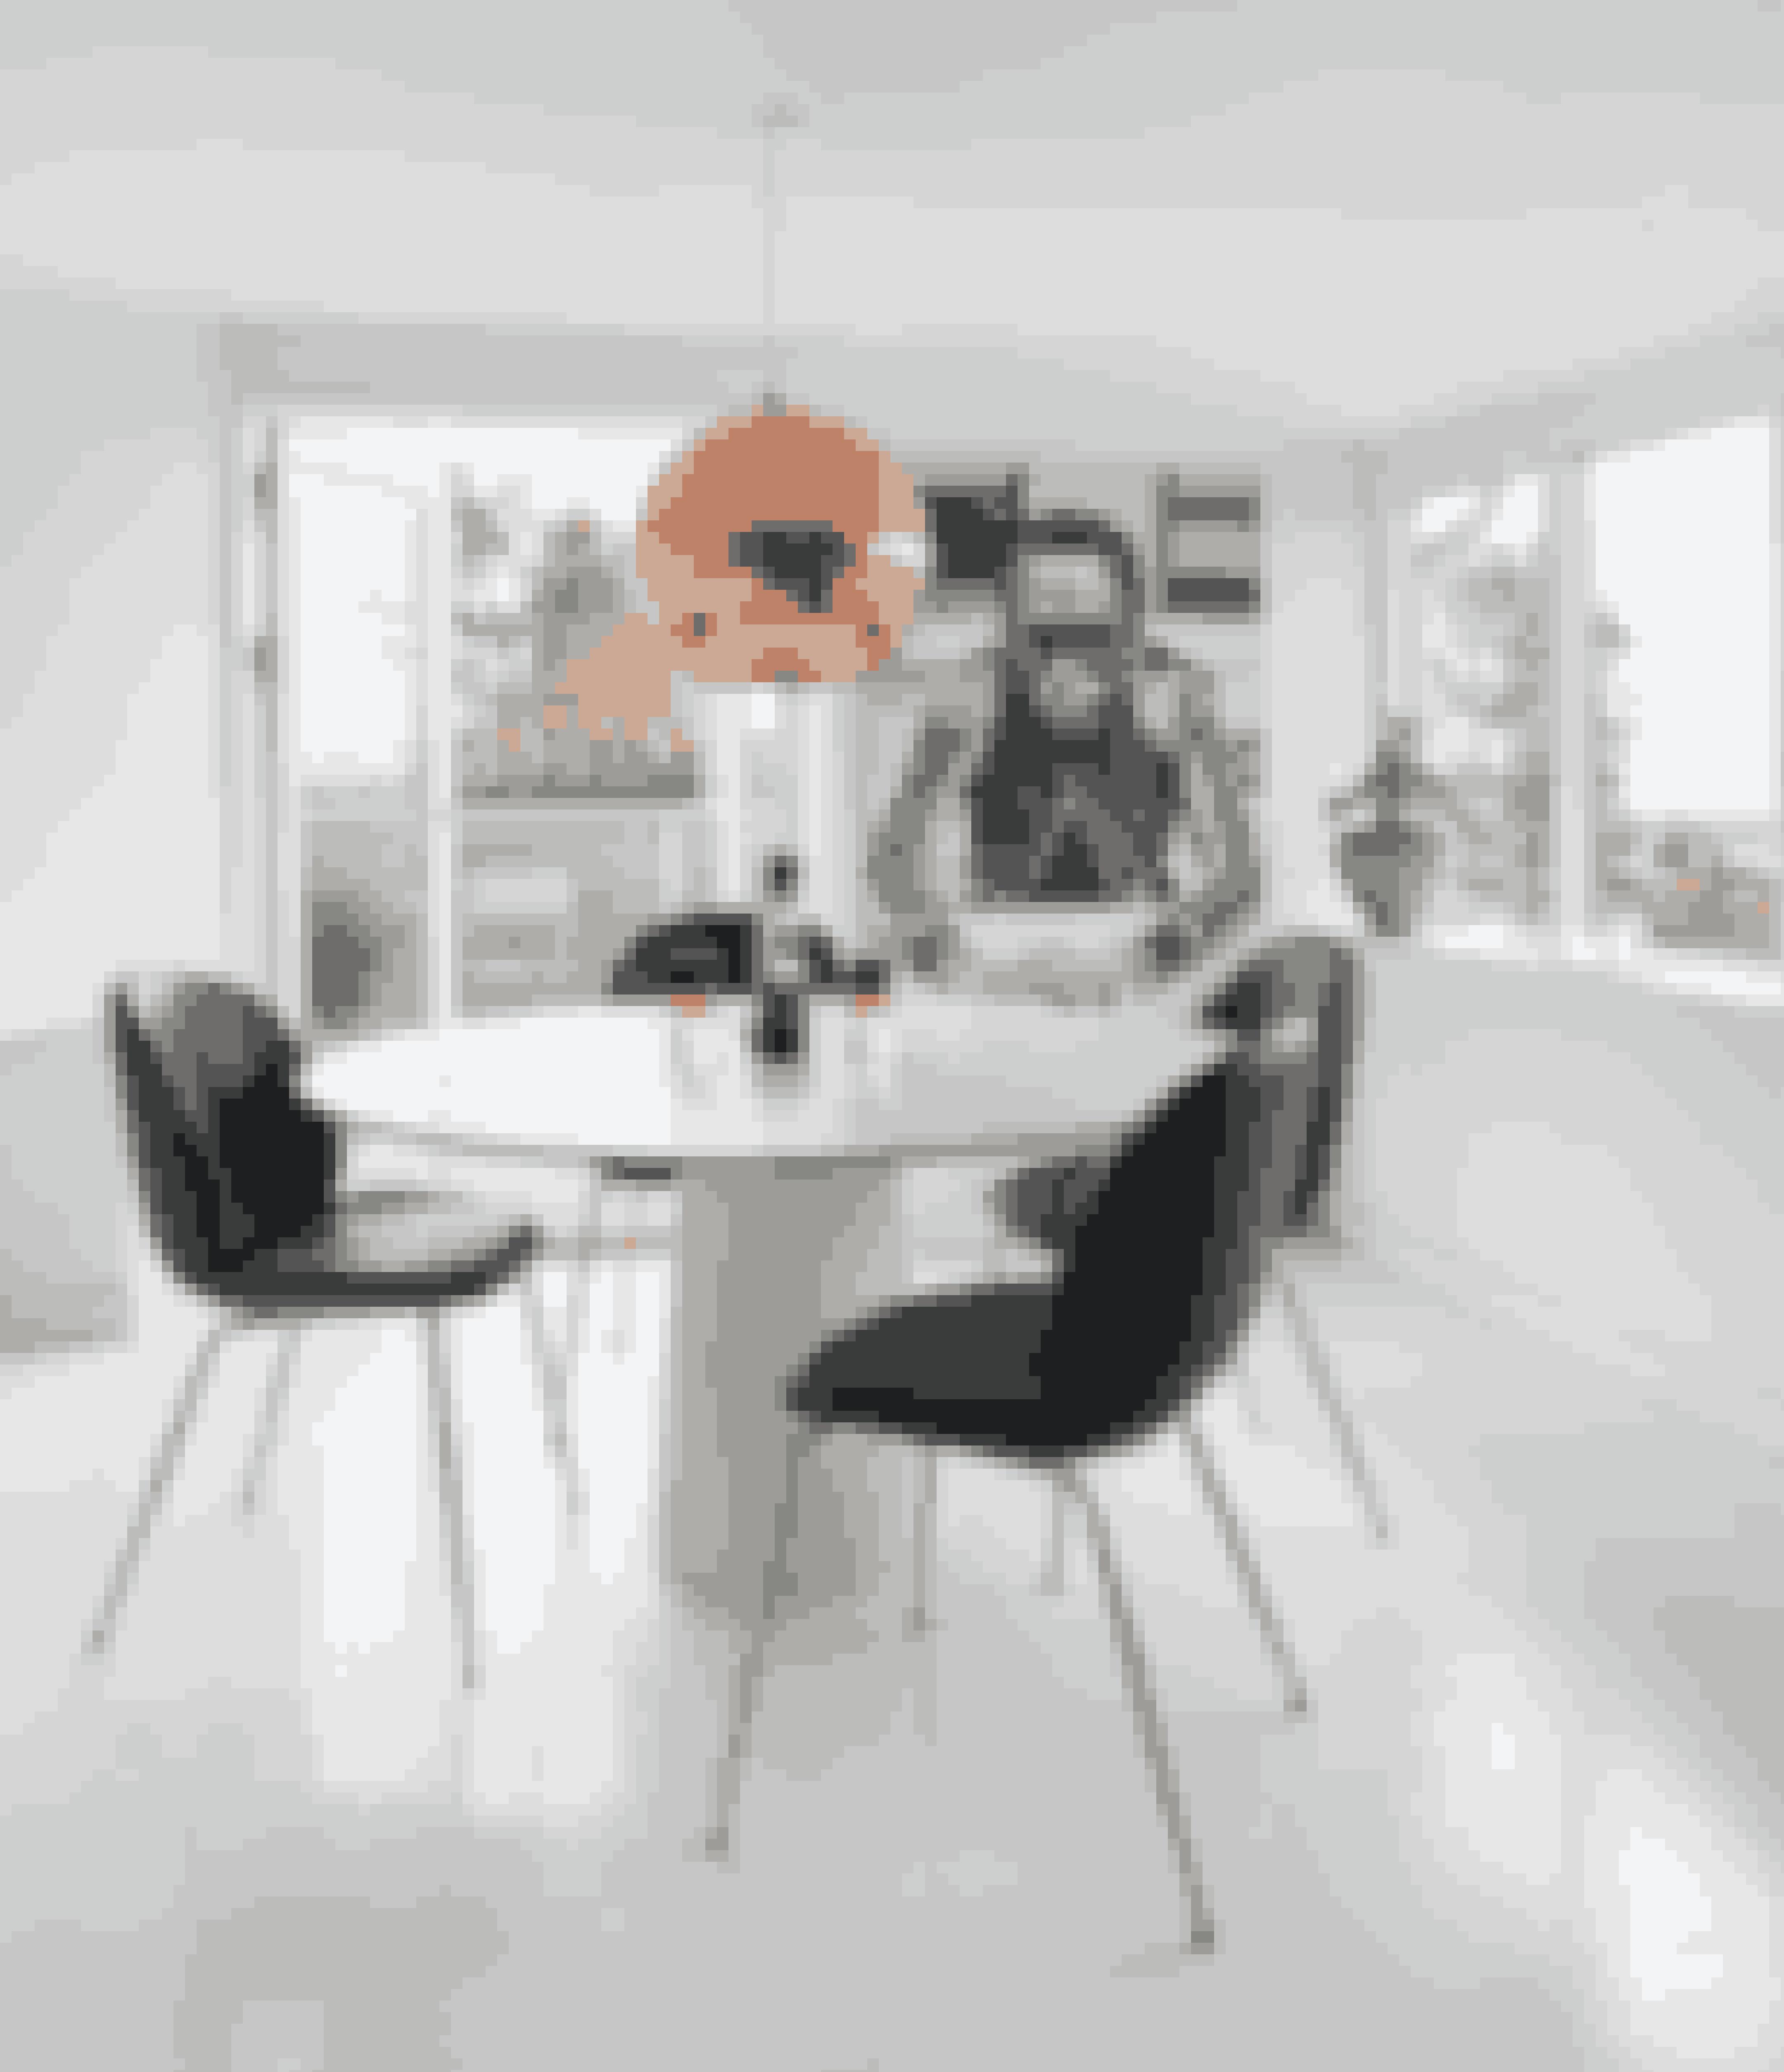 Spiseområdet er indrettet kontrastfyldt og med et strejf af eklektisk art deco. Gubi Beetle-stole er placeret omkring et rundt bord fra Moooi. Kobberpendel er designet af Tom Dixon, og lysestager i krystal er fra Reflections Copenhagen. På den bageste væg hænger et fotografi, som Julie har købt hos Modern Lamps. Krukken i vindueskarmen er fra De Fire Årstider.